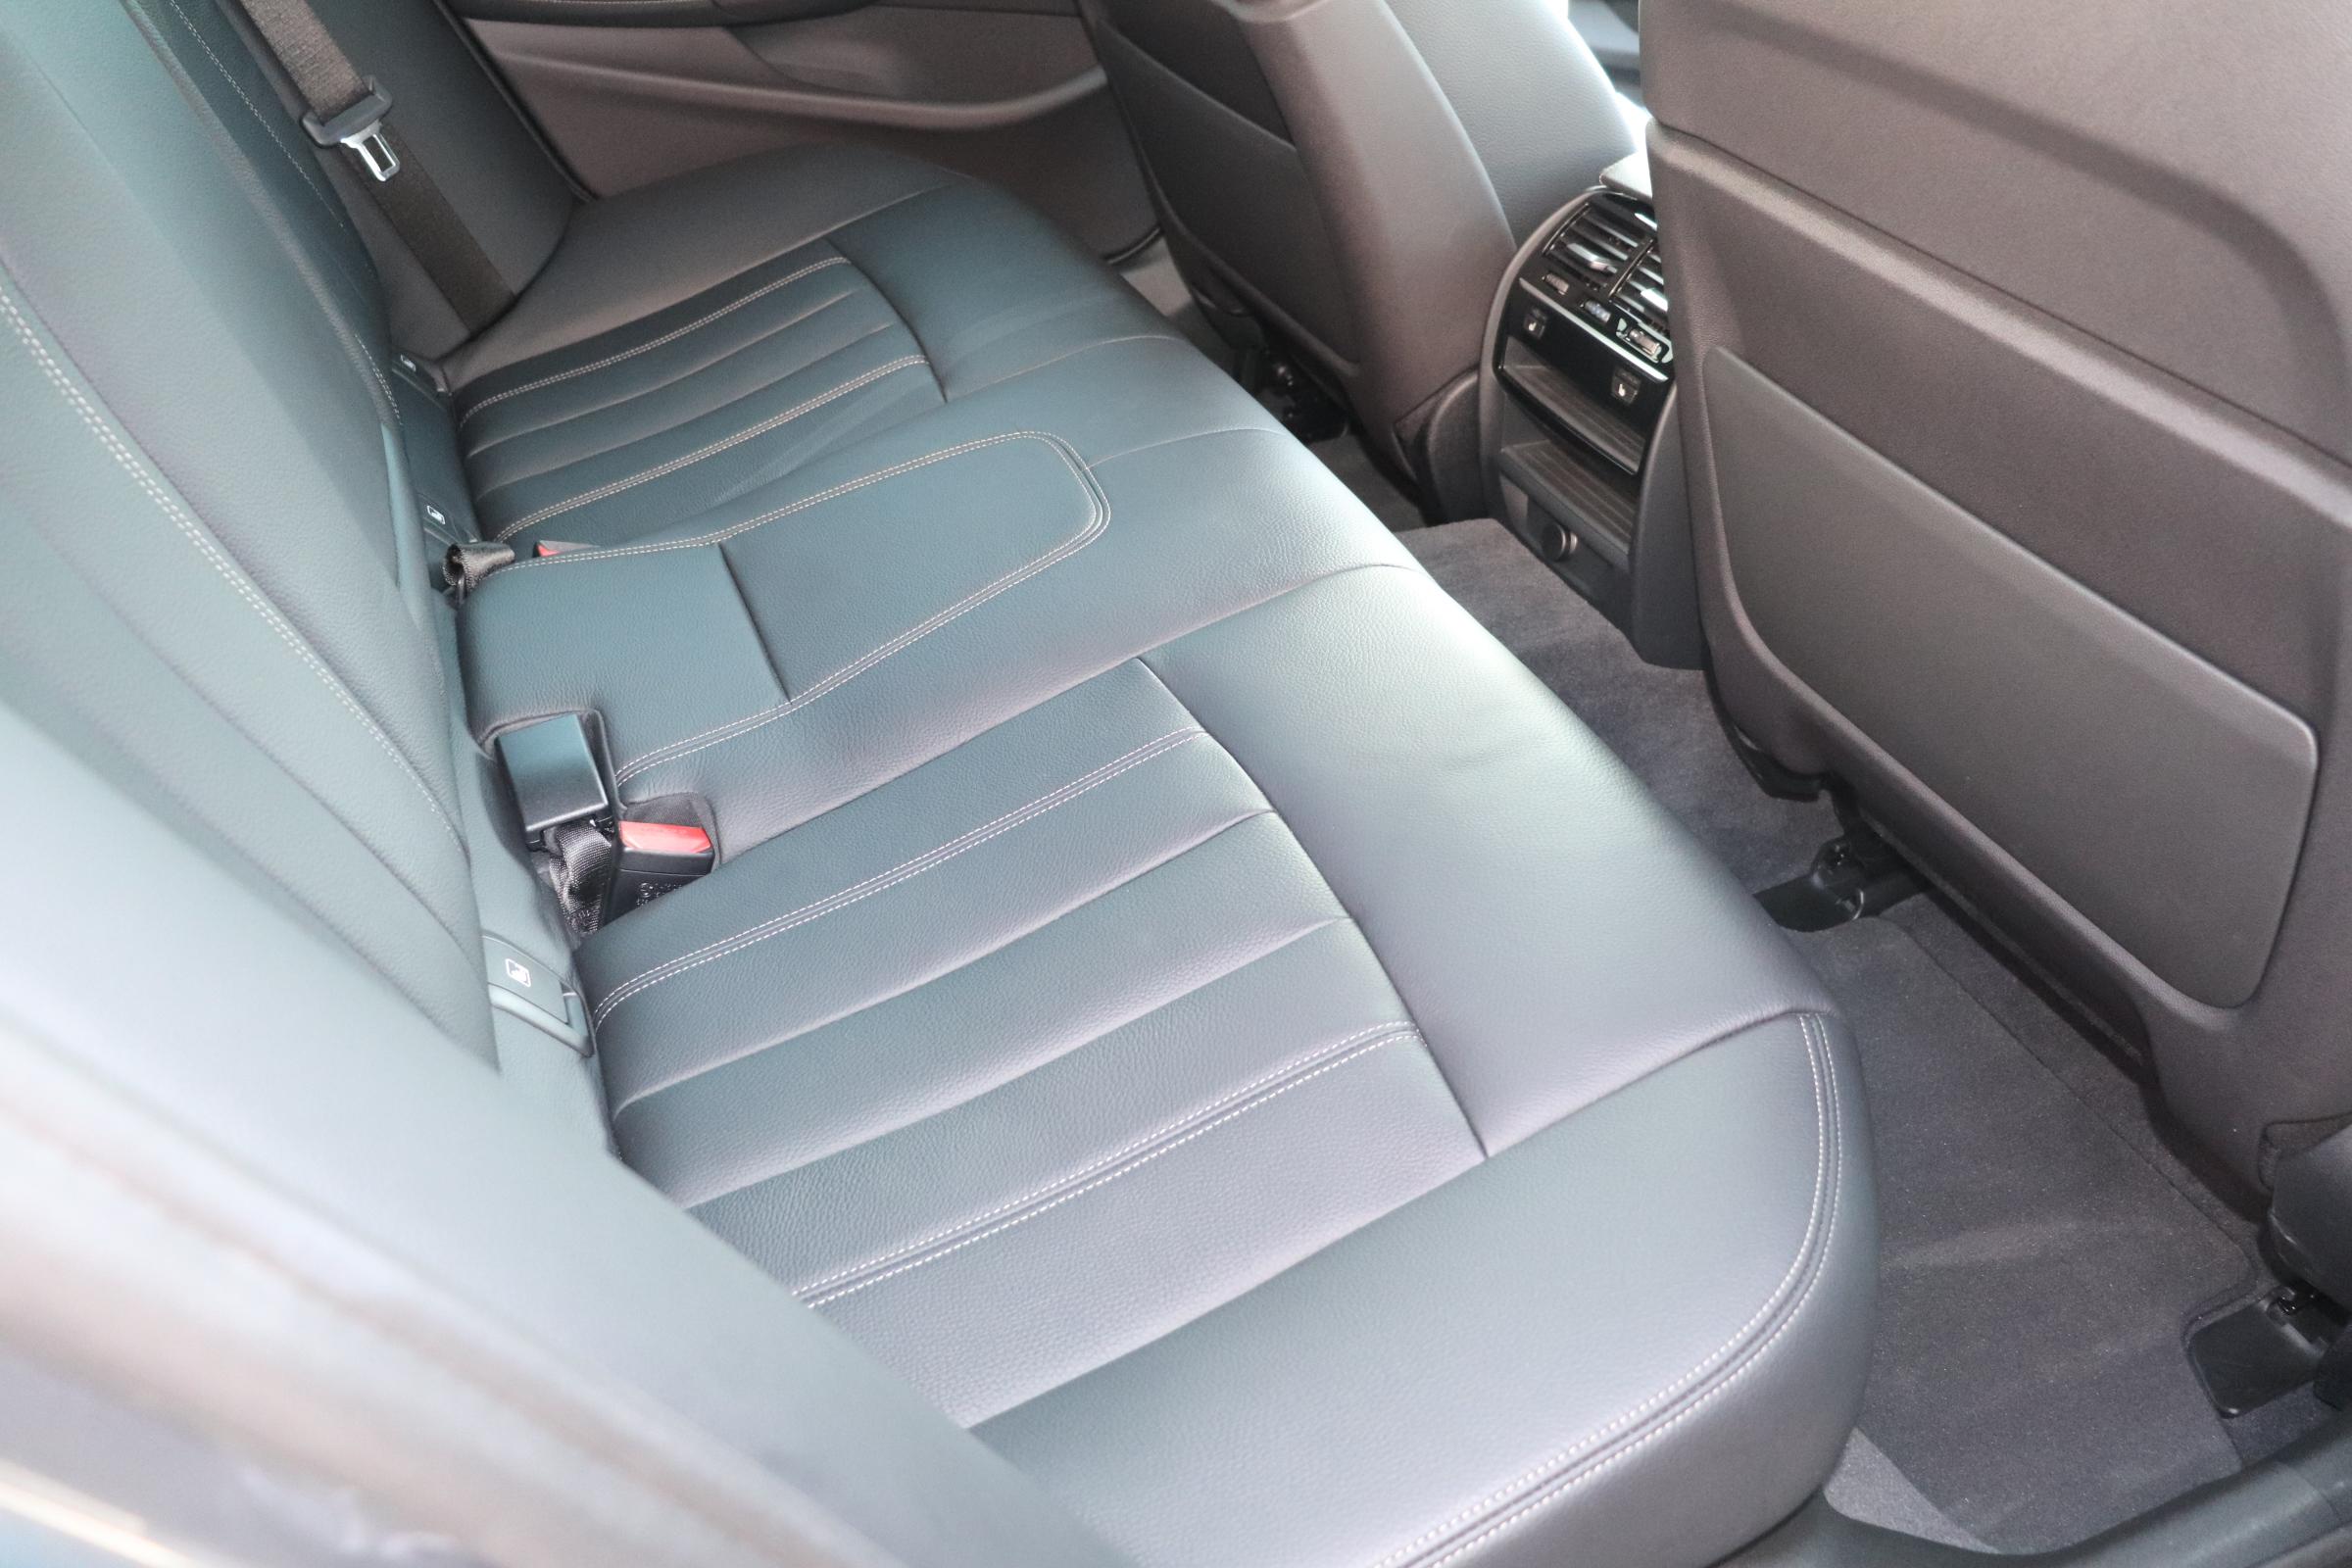 530i Mスポーツ ブラックレザー コンフォート&イノベーションパッケージ車両画像12